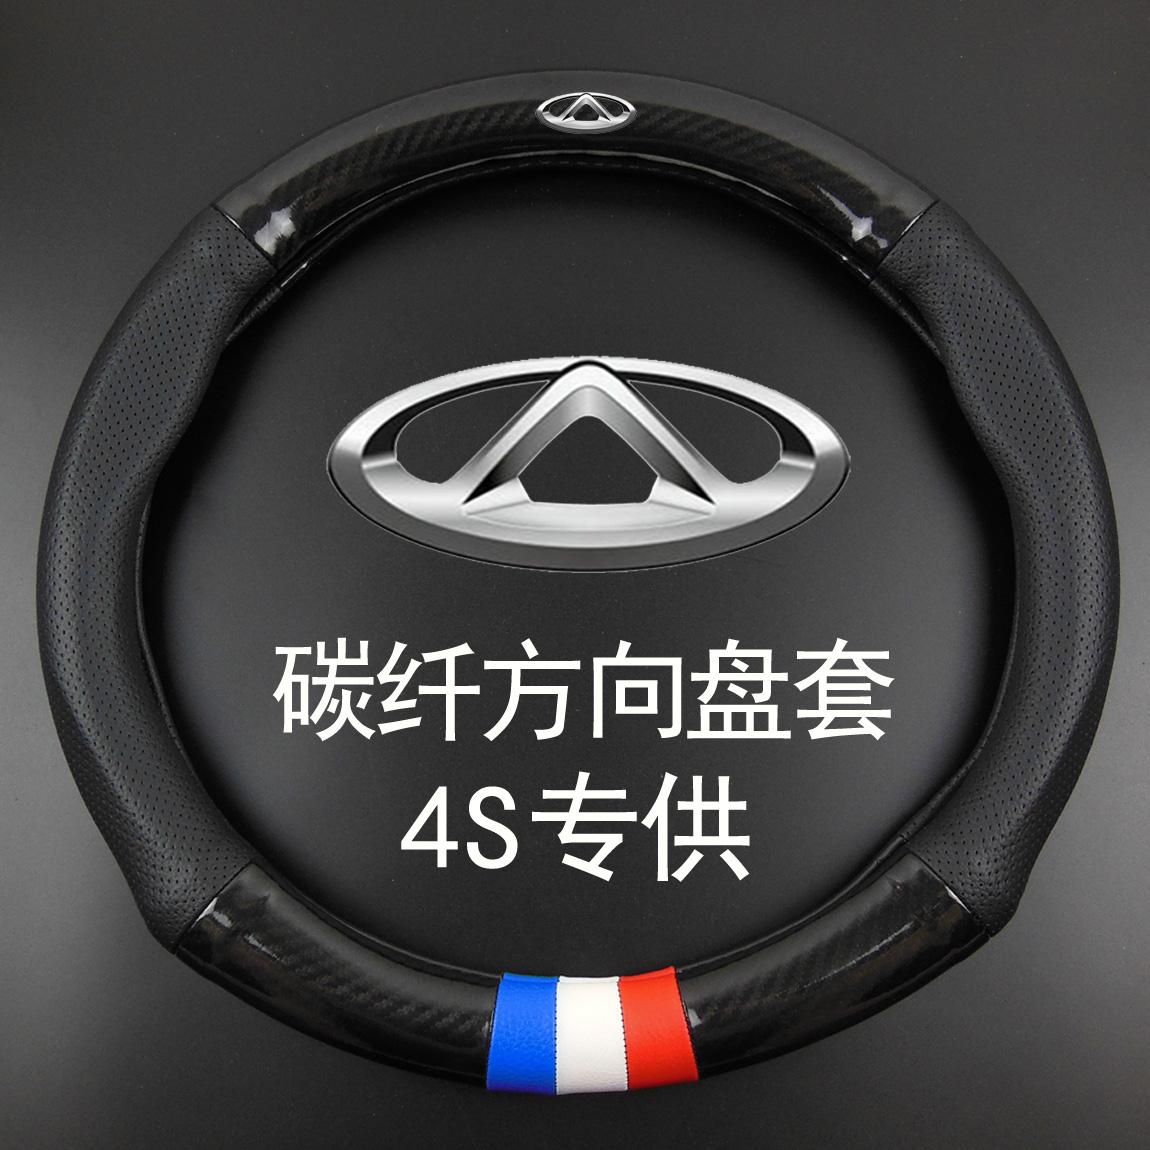 奇瑞方向盘套e3/e5/a3艾瑞泽5/7/3瑞虎3x/5/7风云2旗云2碳纤把套正品保证